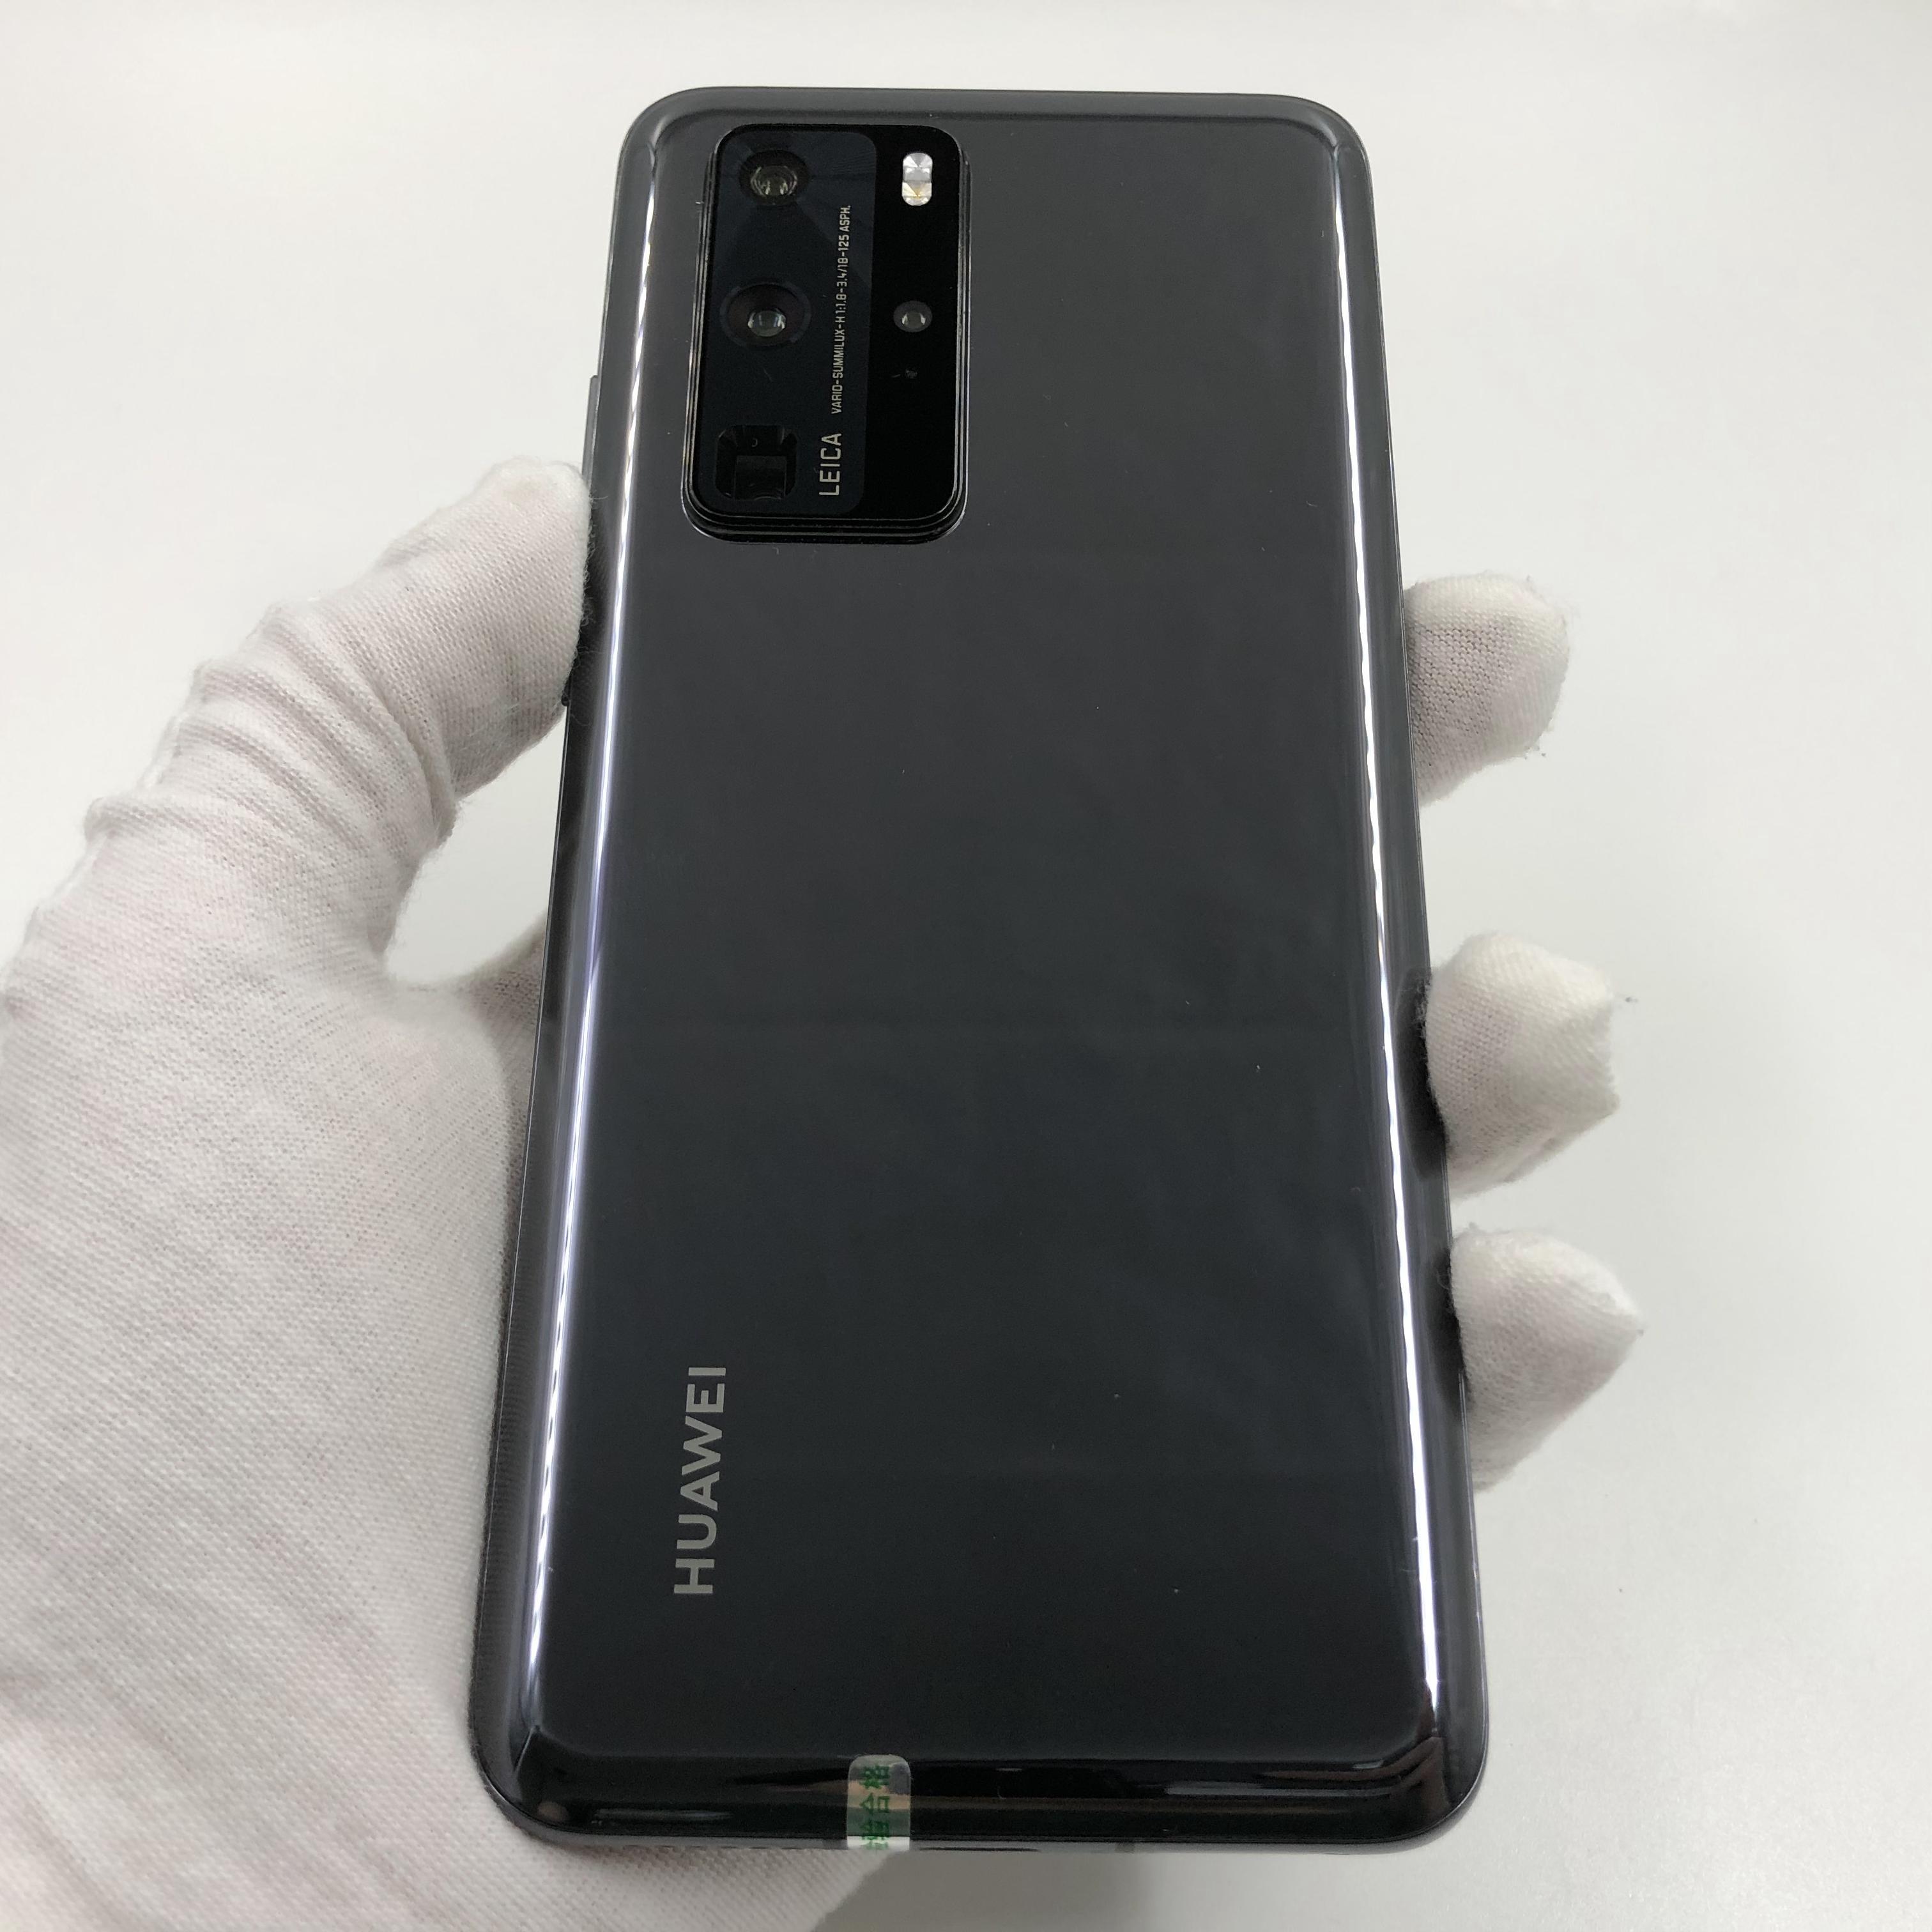 华为【P40 Pro 5G】5G全网通 亮黑色 8G/128G 国行 8成新 真机实拍